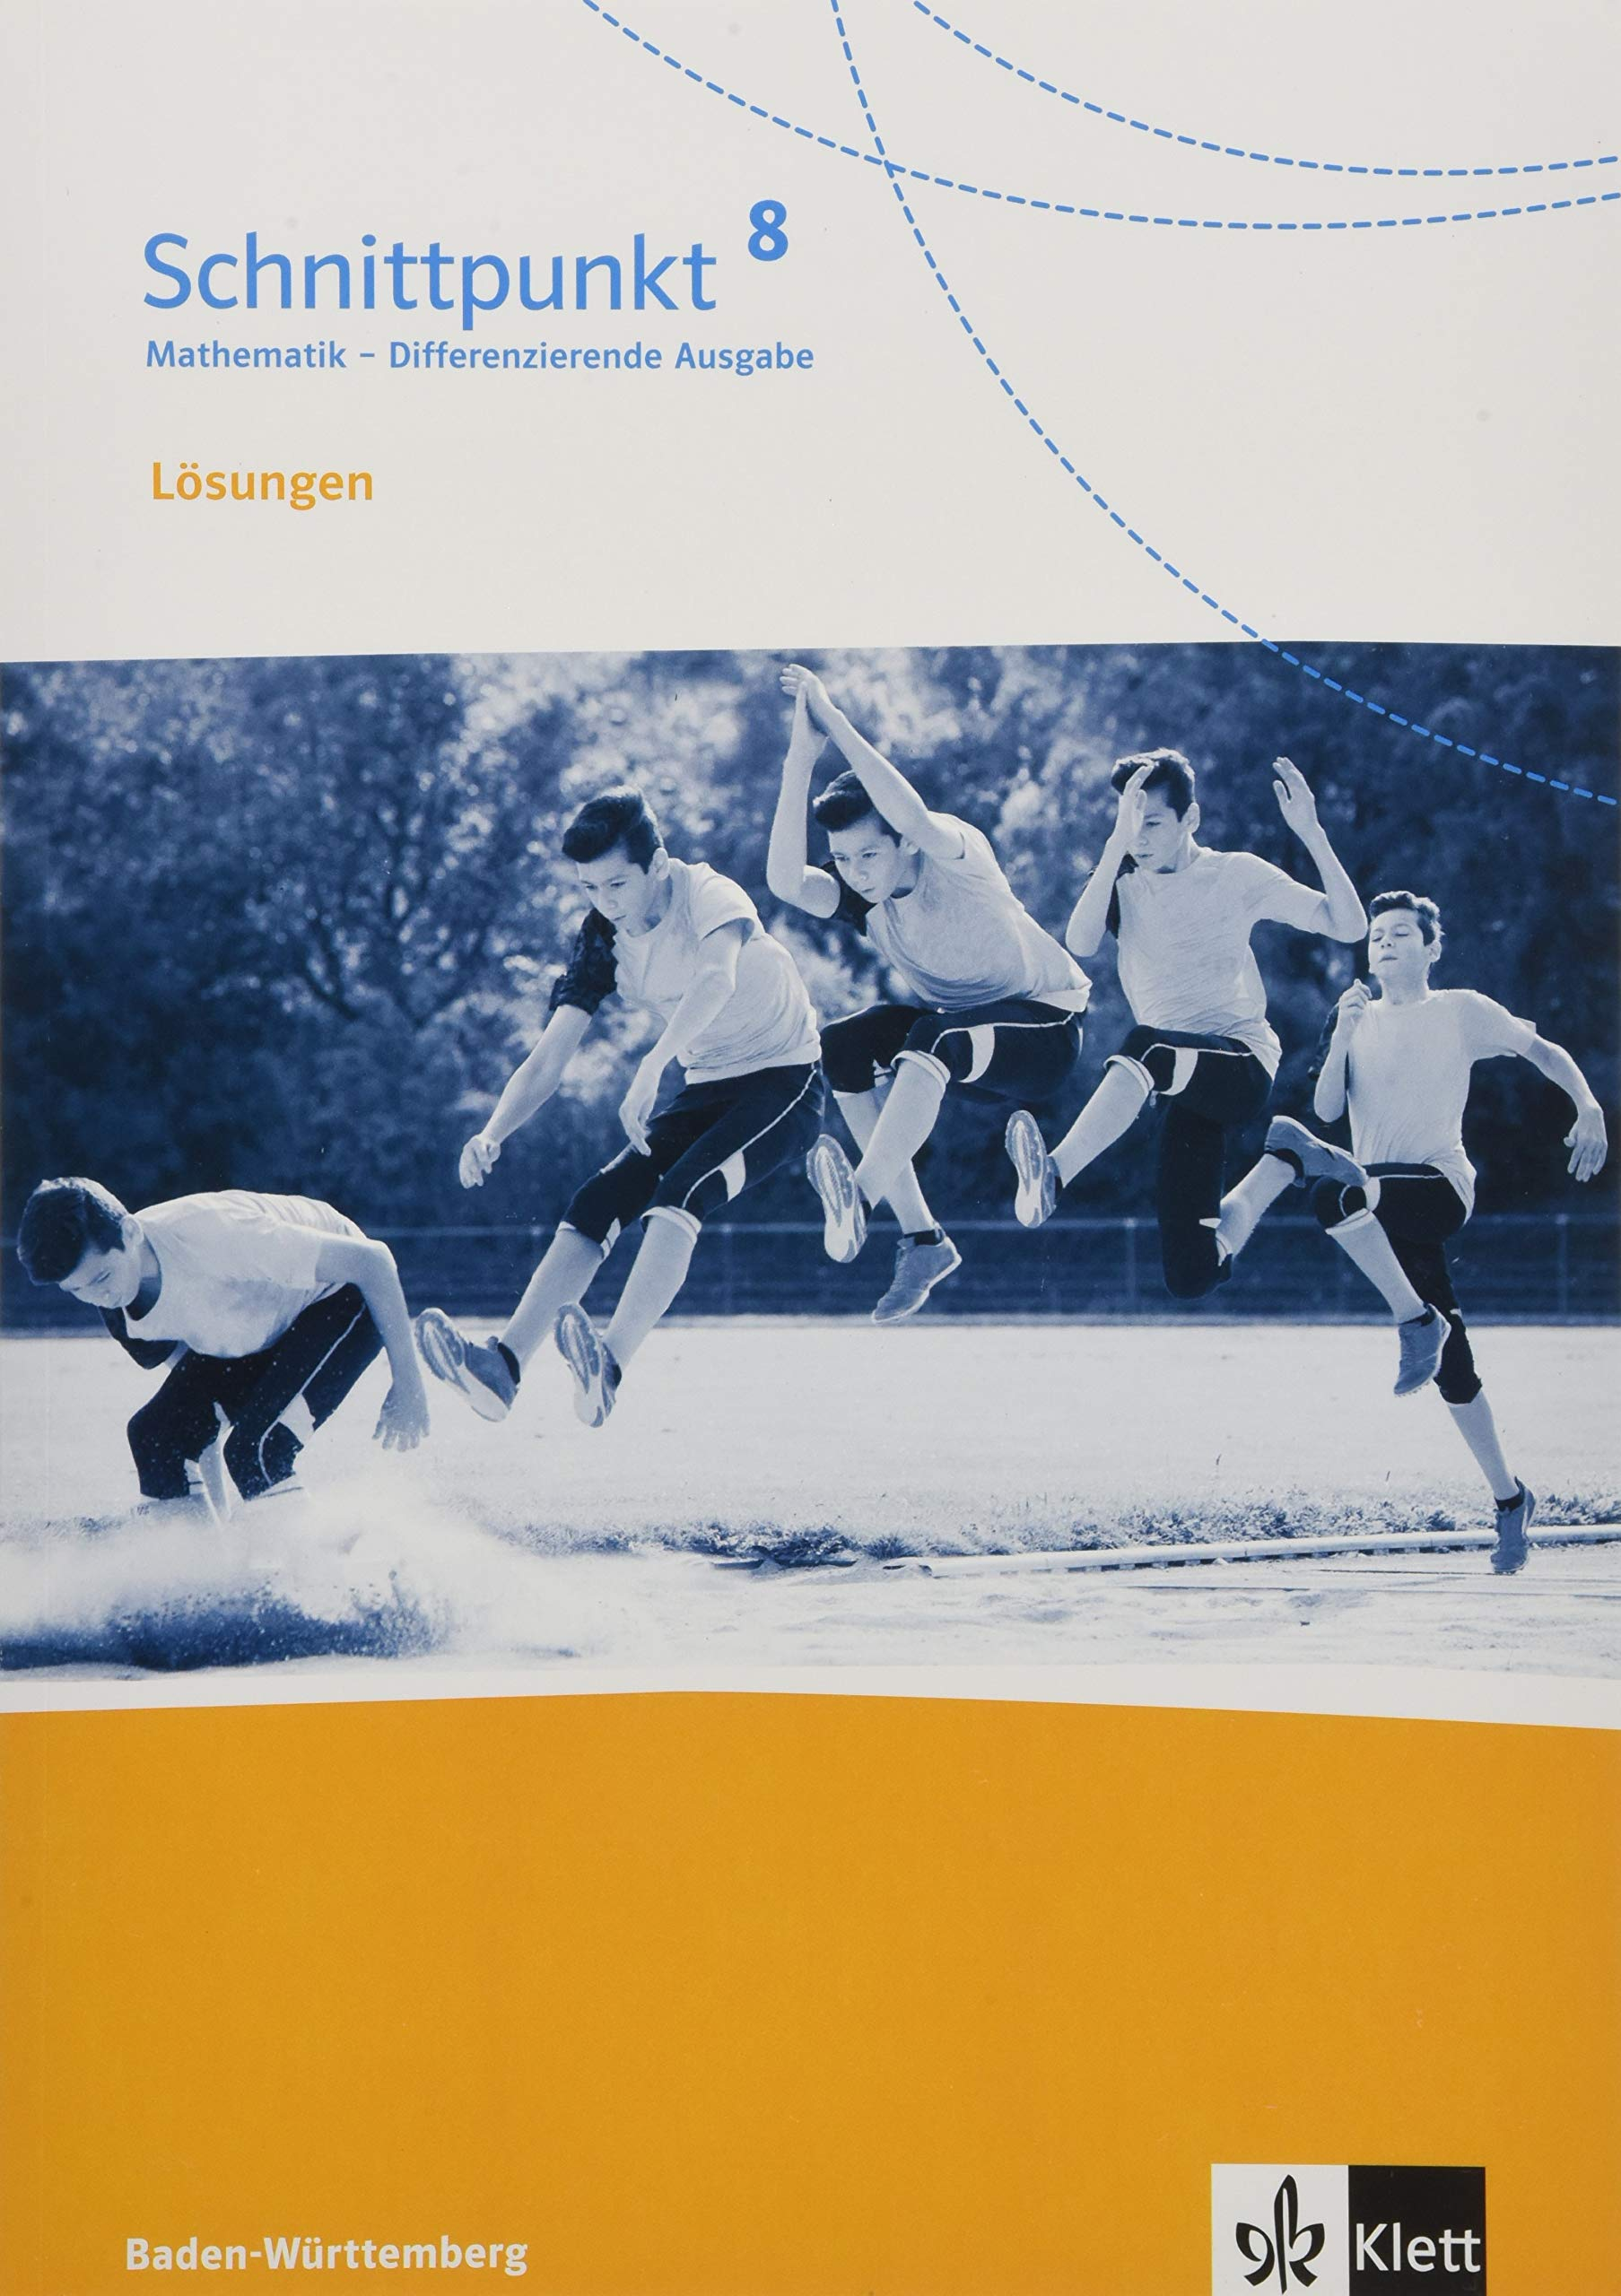 Schnittpunkt Mathematik 8. Differenzierende Ausgabe Baden-Württemberg: Lösungen Klasse 8 (Schnittpunkt Mathematik. Differenzierende Ausgabe für Baden-Württemberg ab 2015)